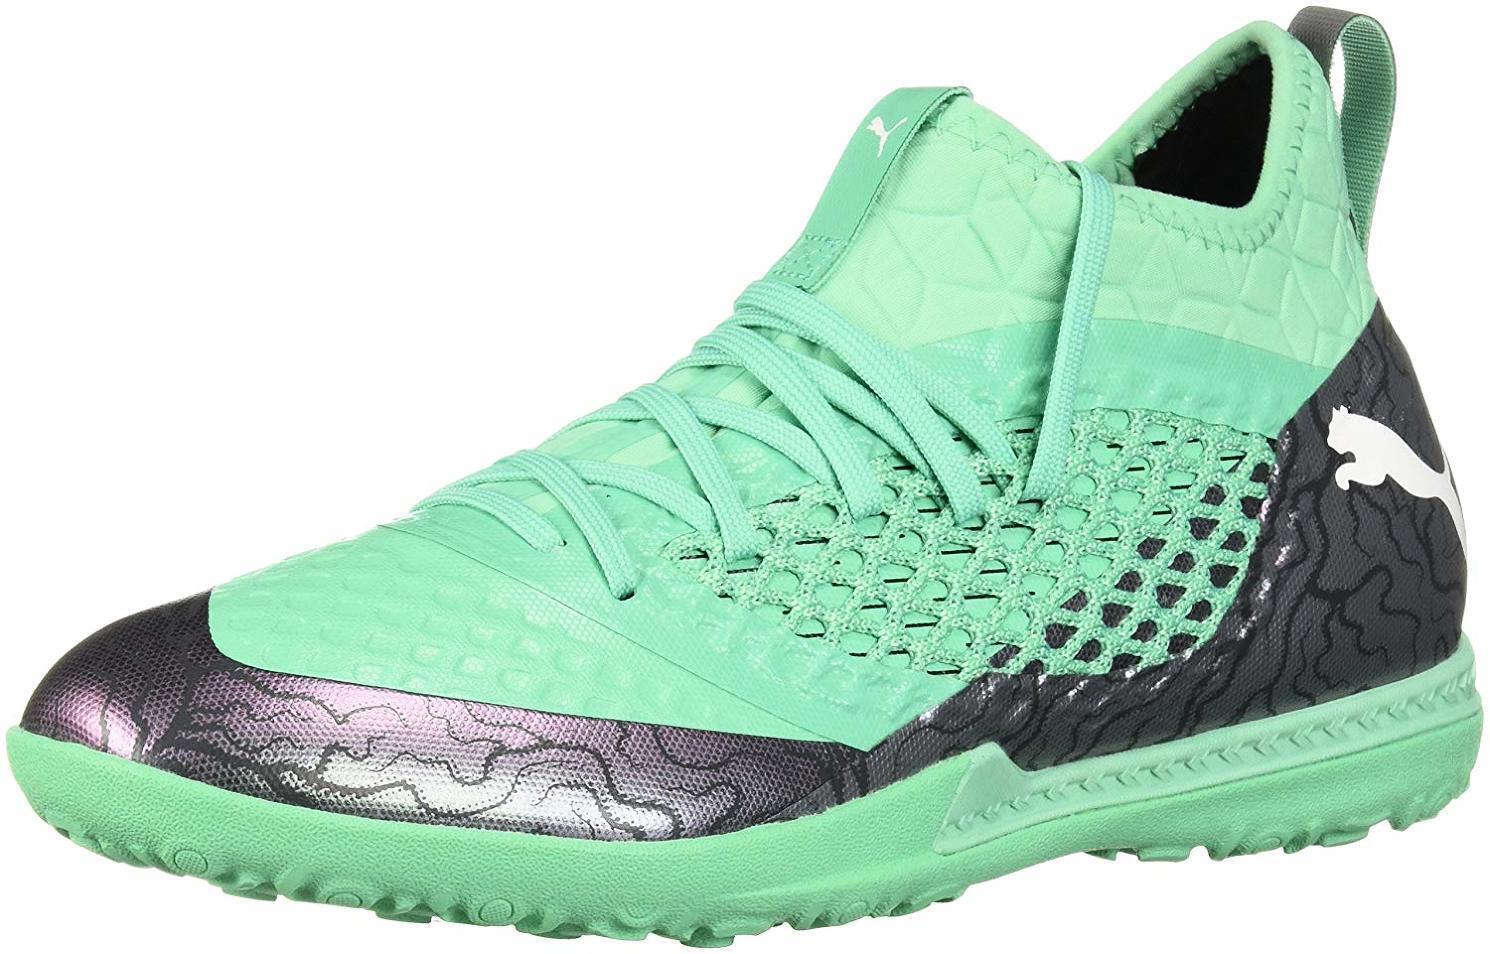 PUMA Men's Future 2.3 Netfit Tt Soccer shoes - Choose SZ color